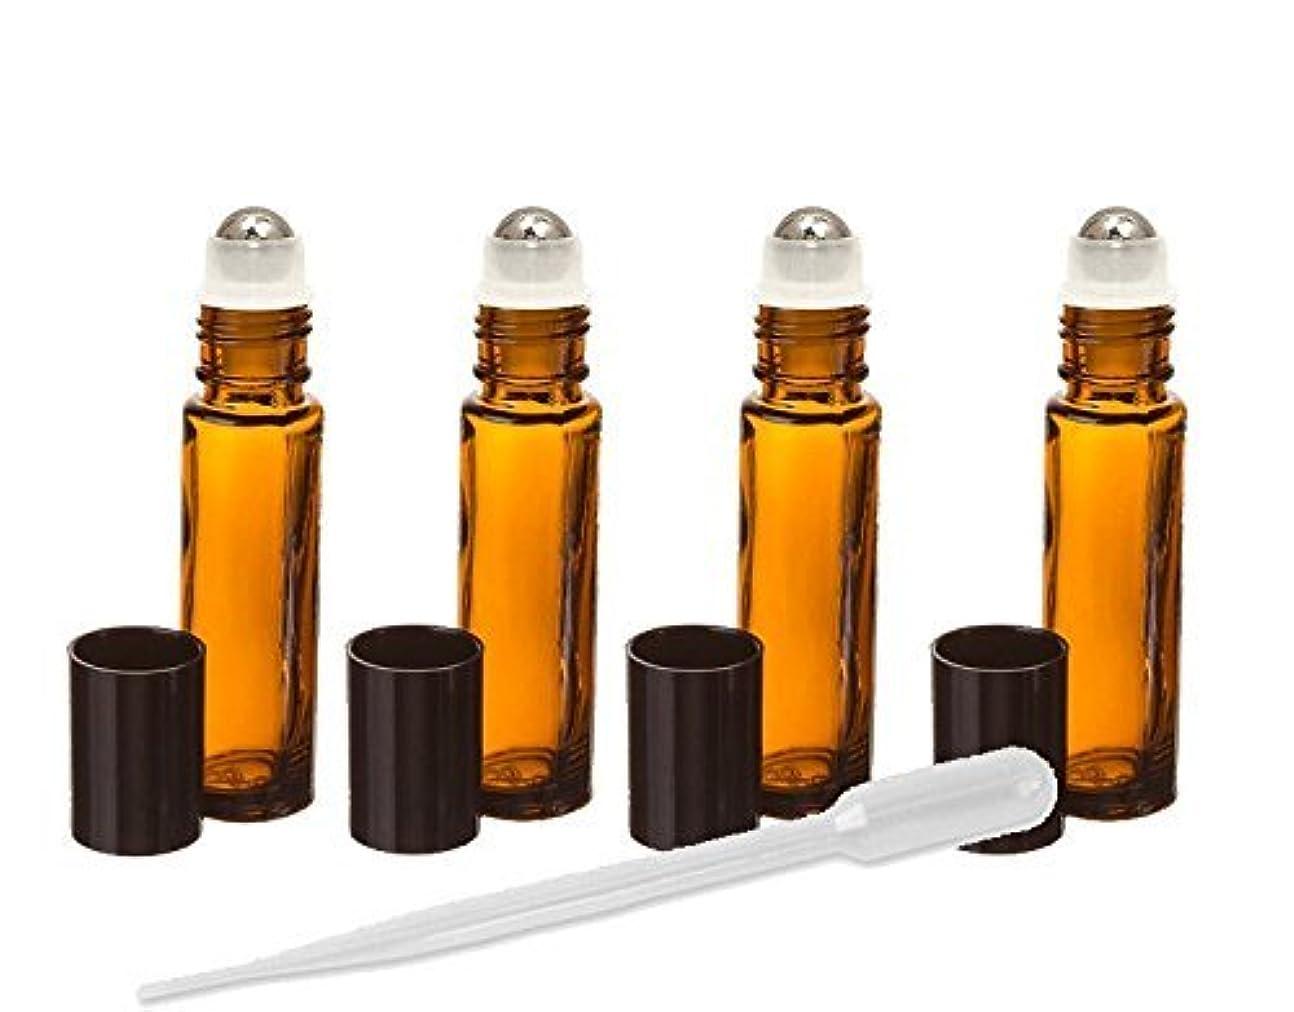 苦痛タワー側溝Grand Parfums Amber Glass Essential Oil Rollerball Bottles with Stainless Steel Rollerballs, 10ml Aromatherapy...